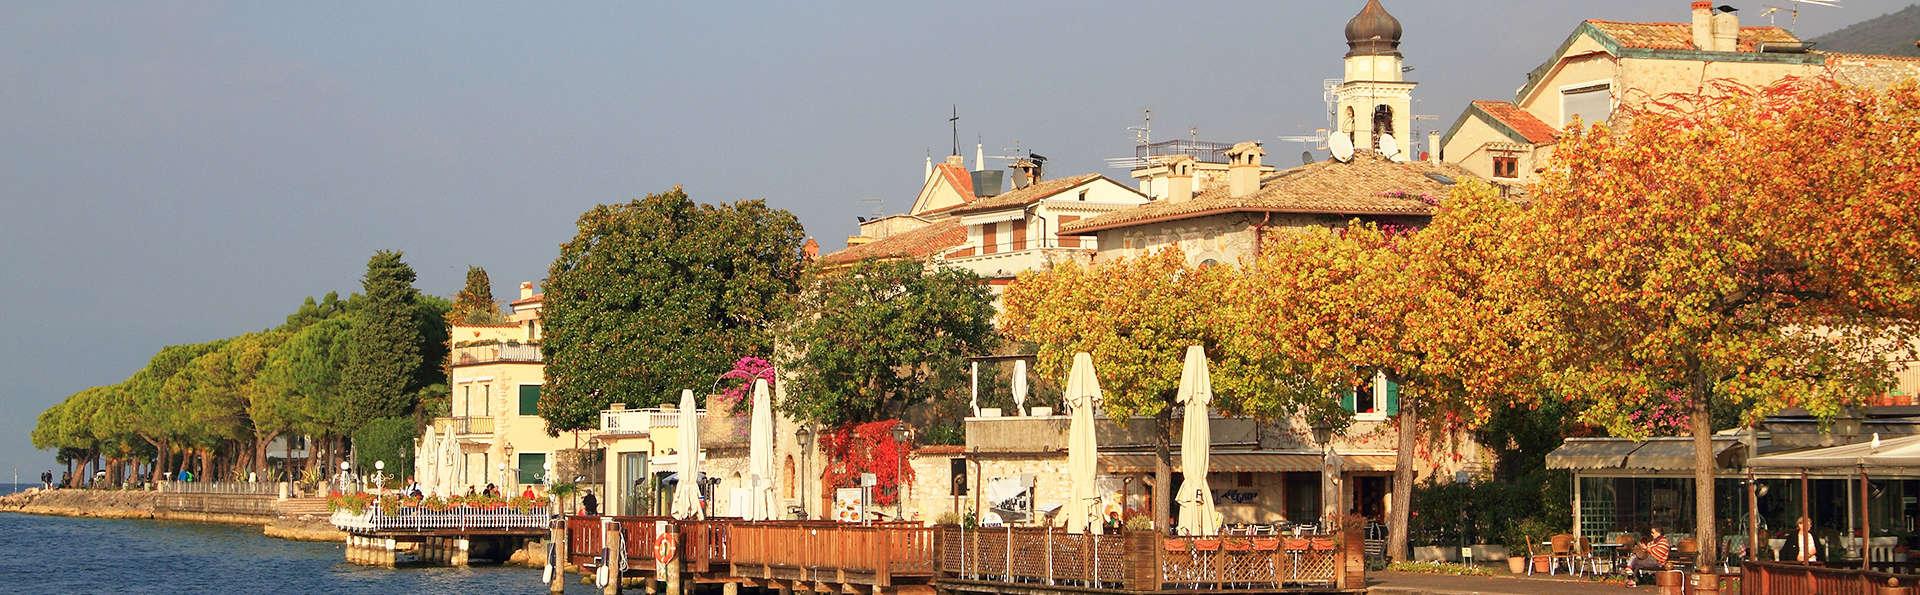 Albergo Belvedere - edit_Torri_del_Benaco_Strandpromenade.jpg